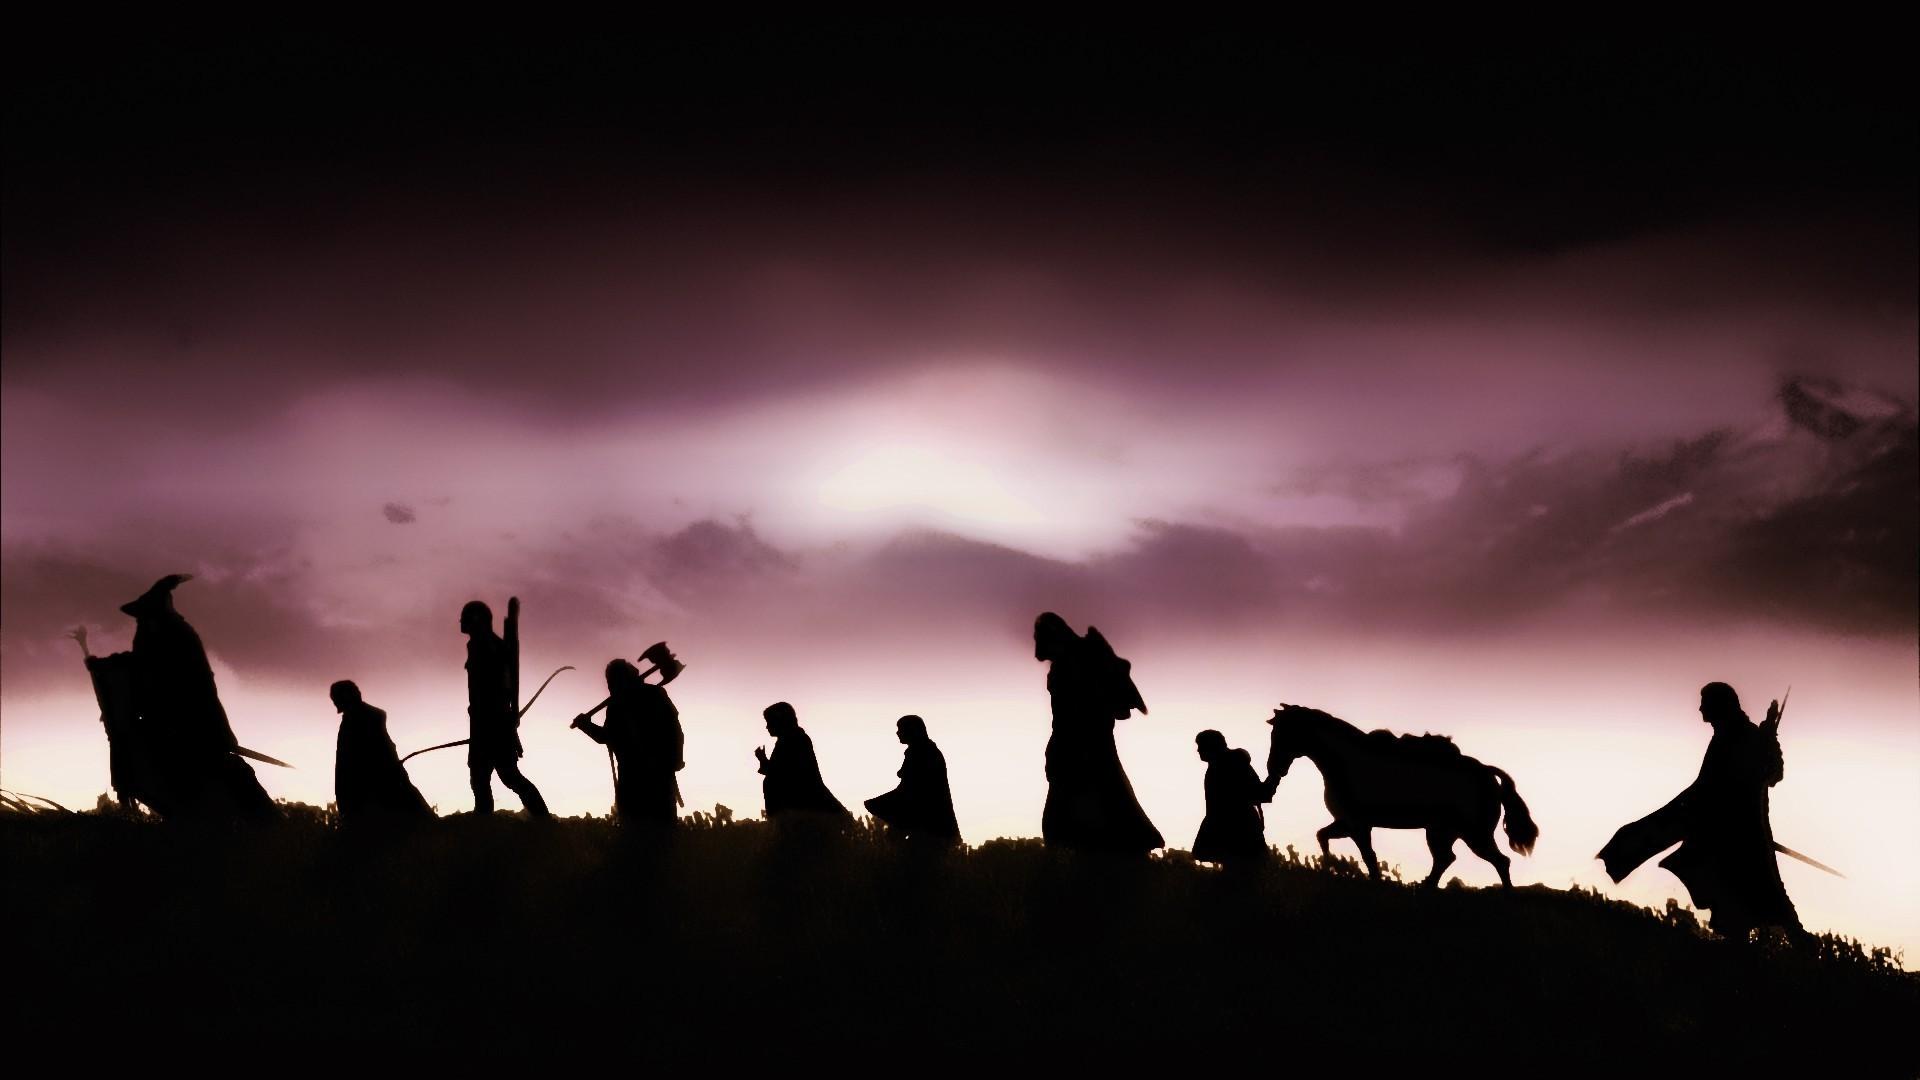 The Lord Of The Rings Wallpaper – WallpaperSafari